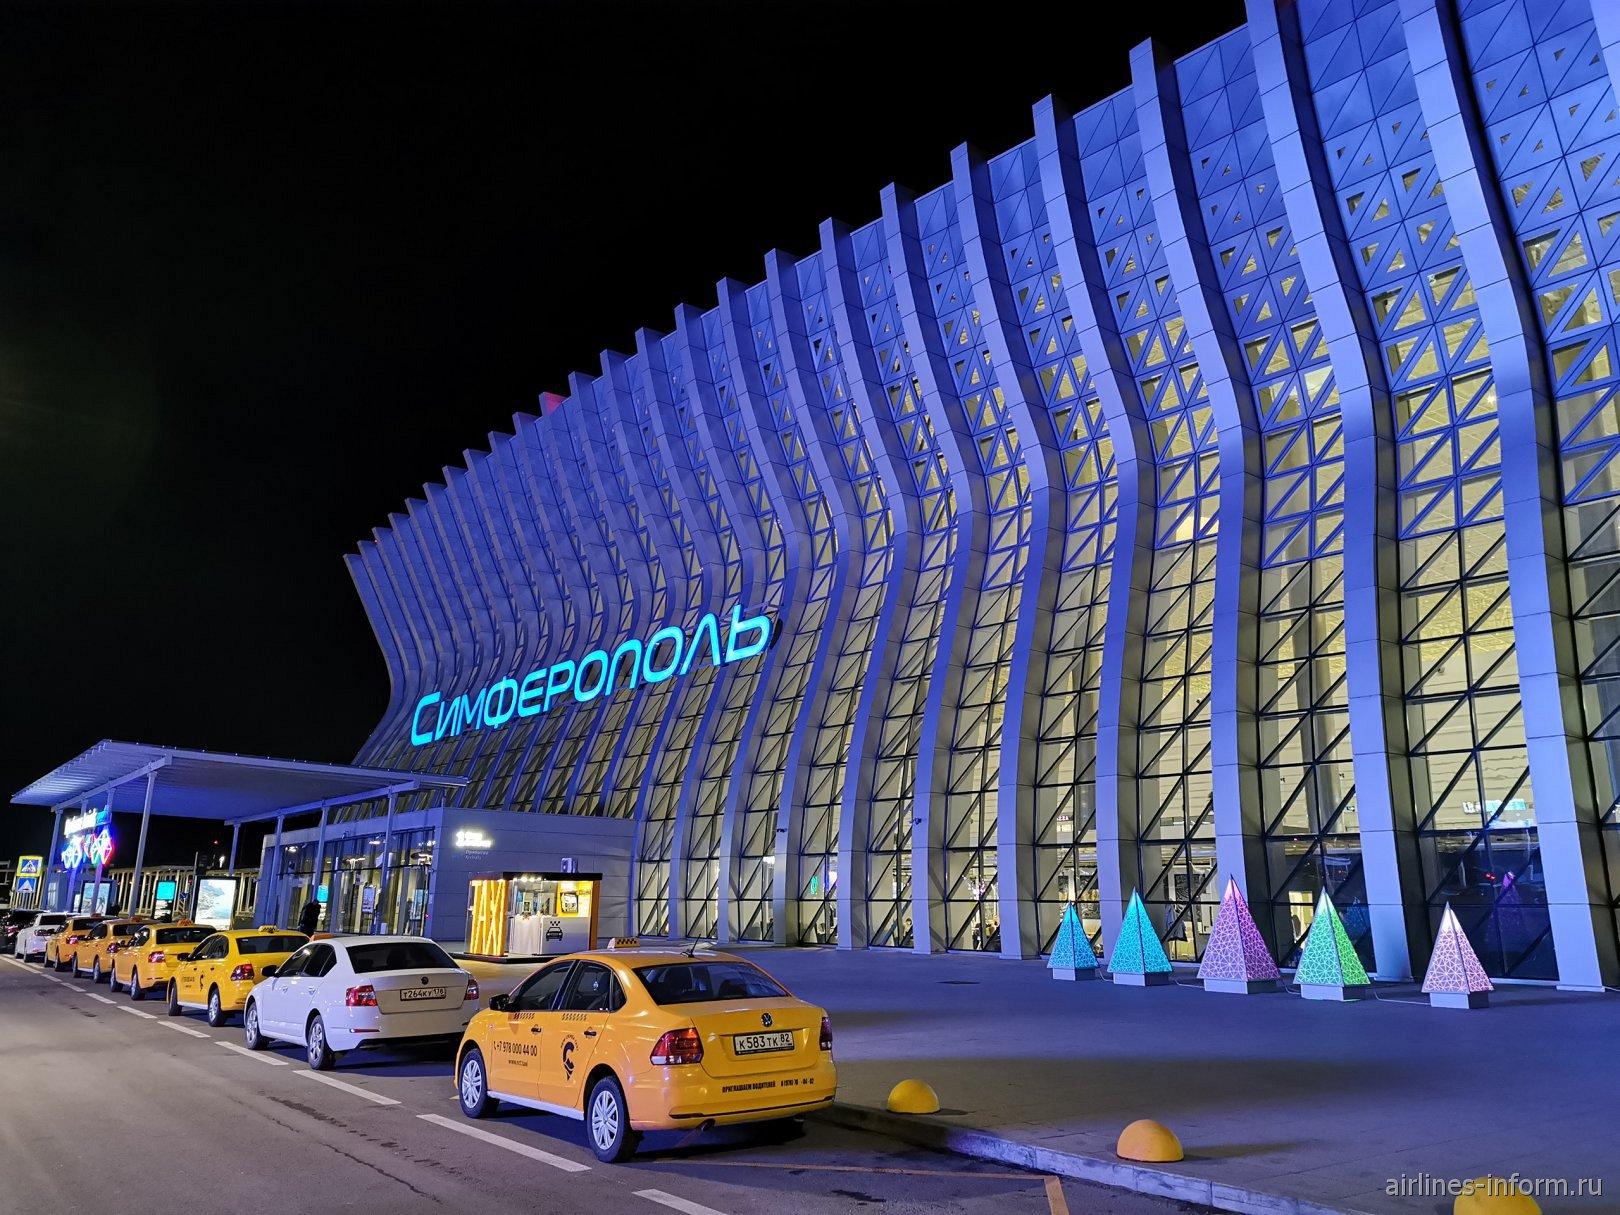 Ночная подсветка терминала аэропорта Симферополь